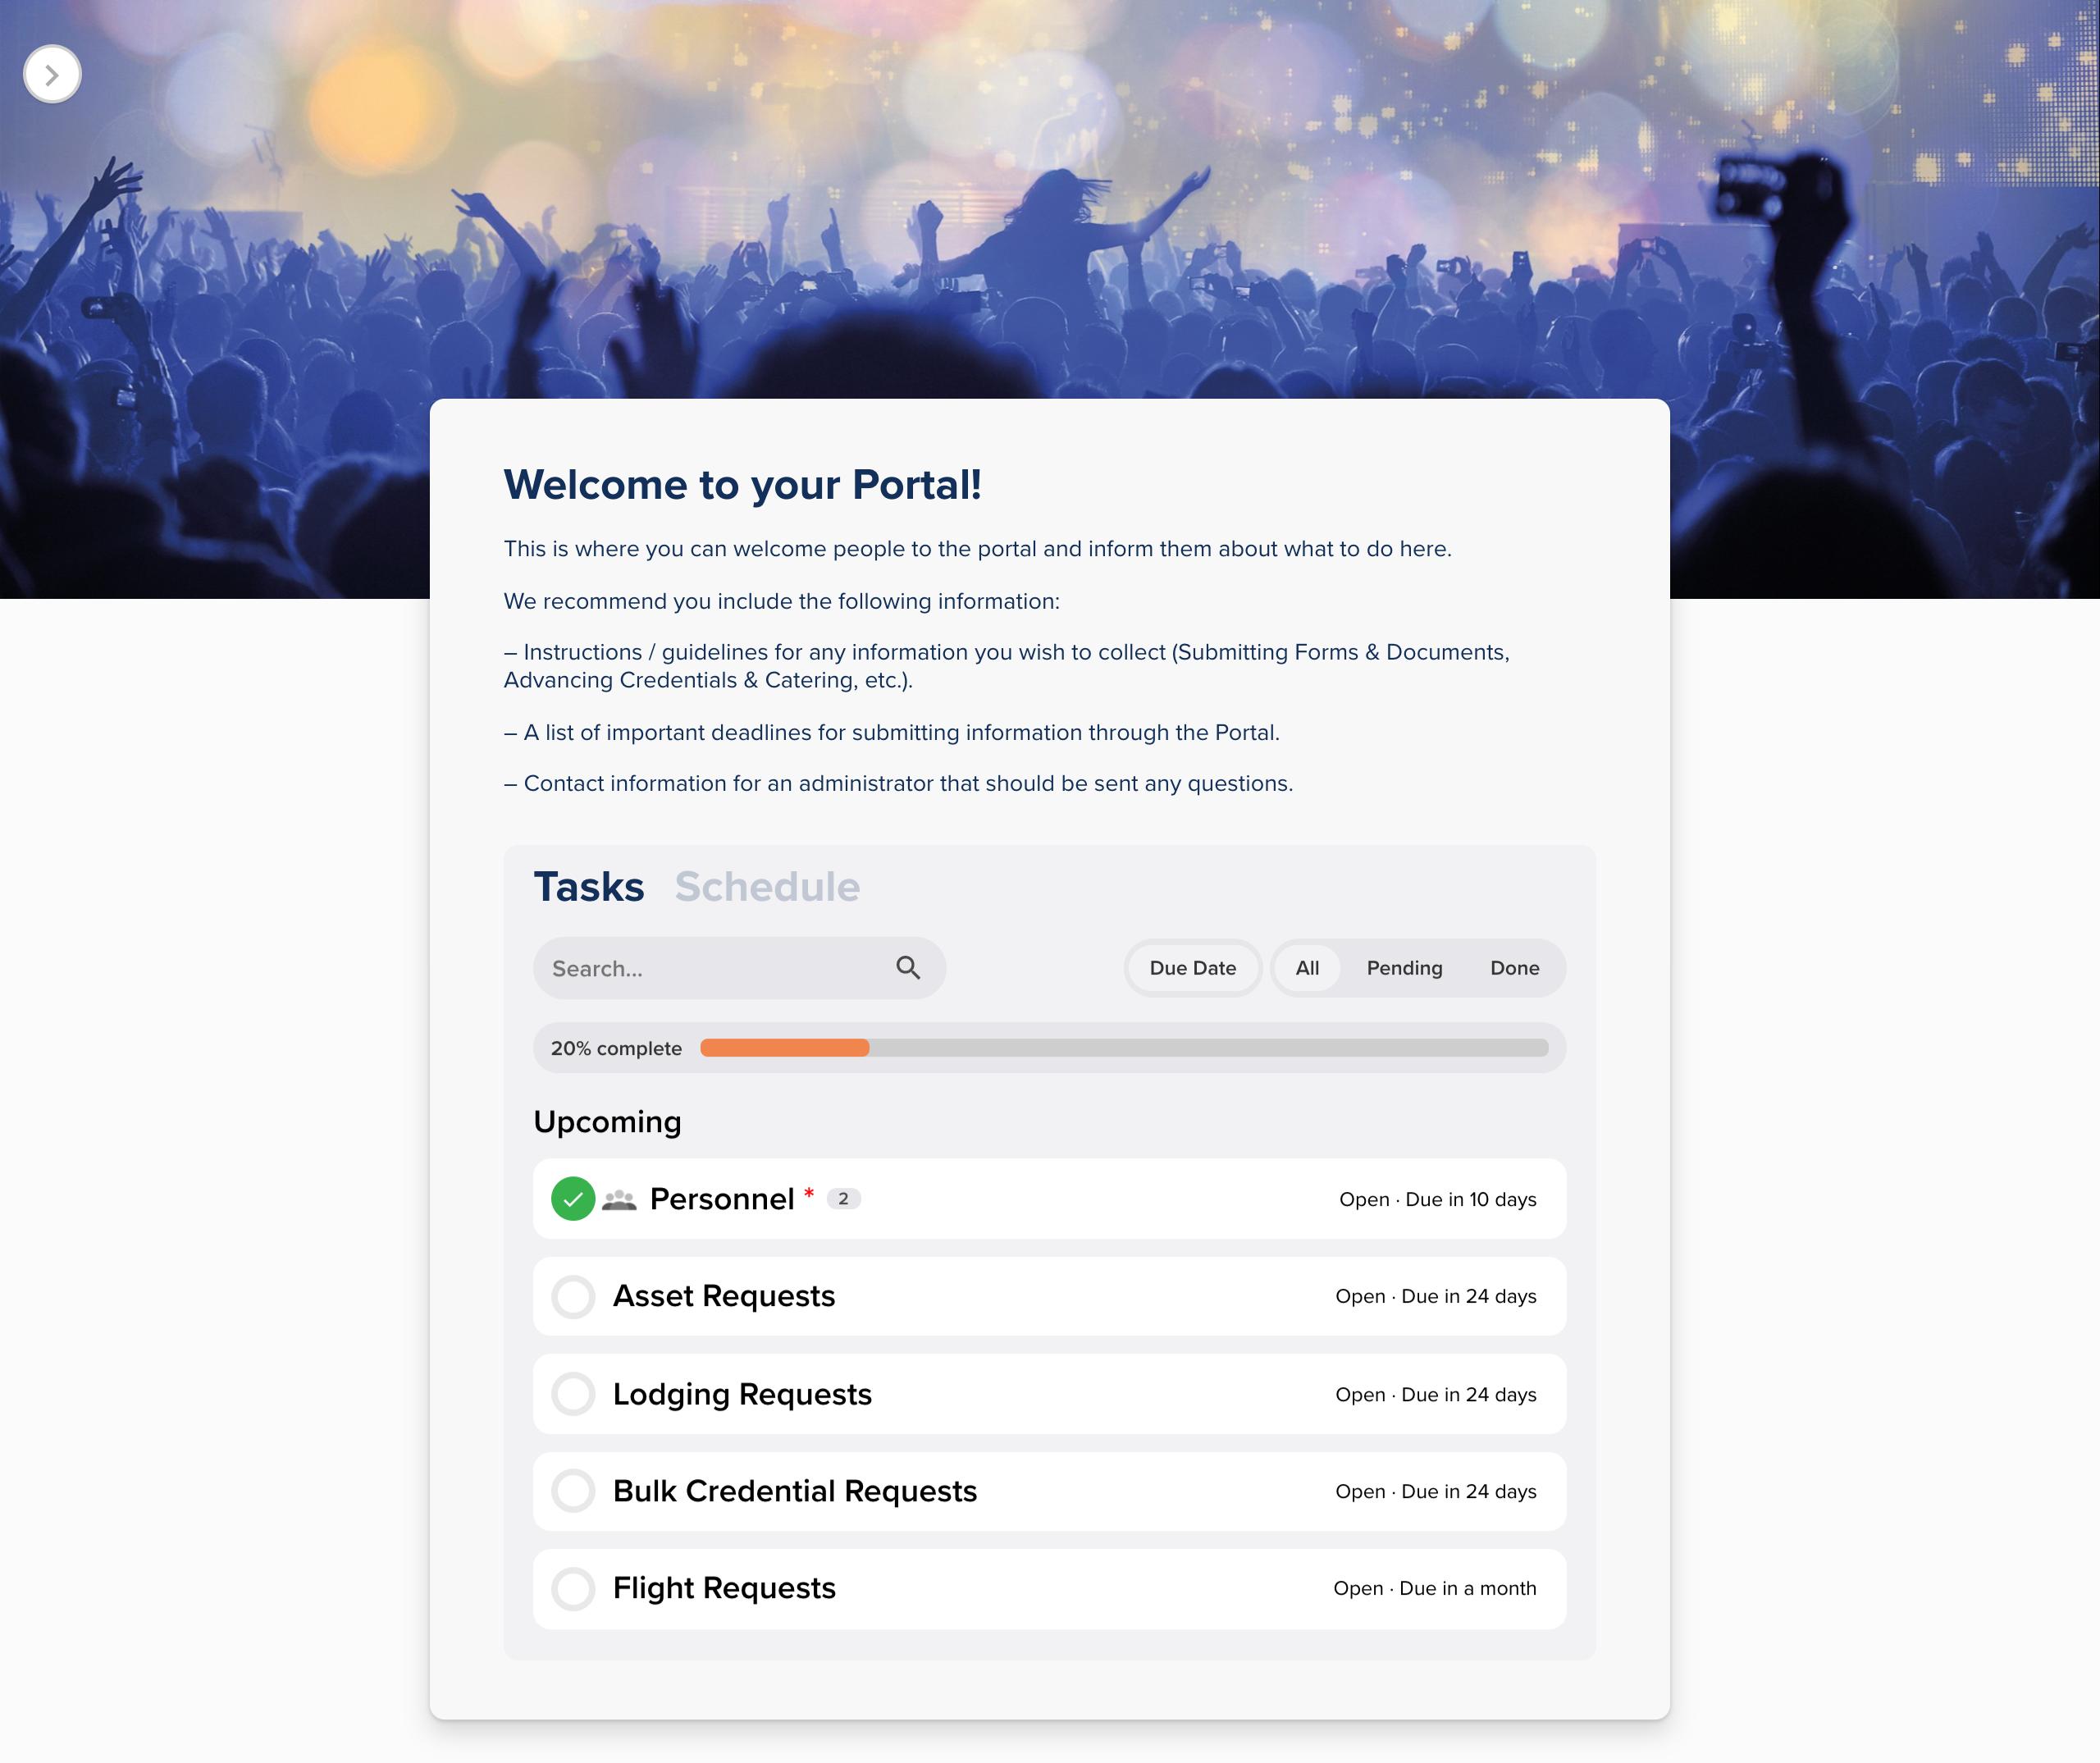 screencapture-app-lennd-portals-acme-festival-2020-ee54f55c-8204-4767-8f74-8be630a1d193-2020-05-19-11_40_20